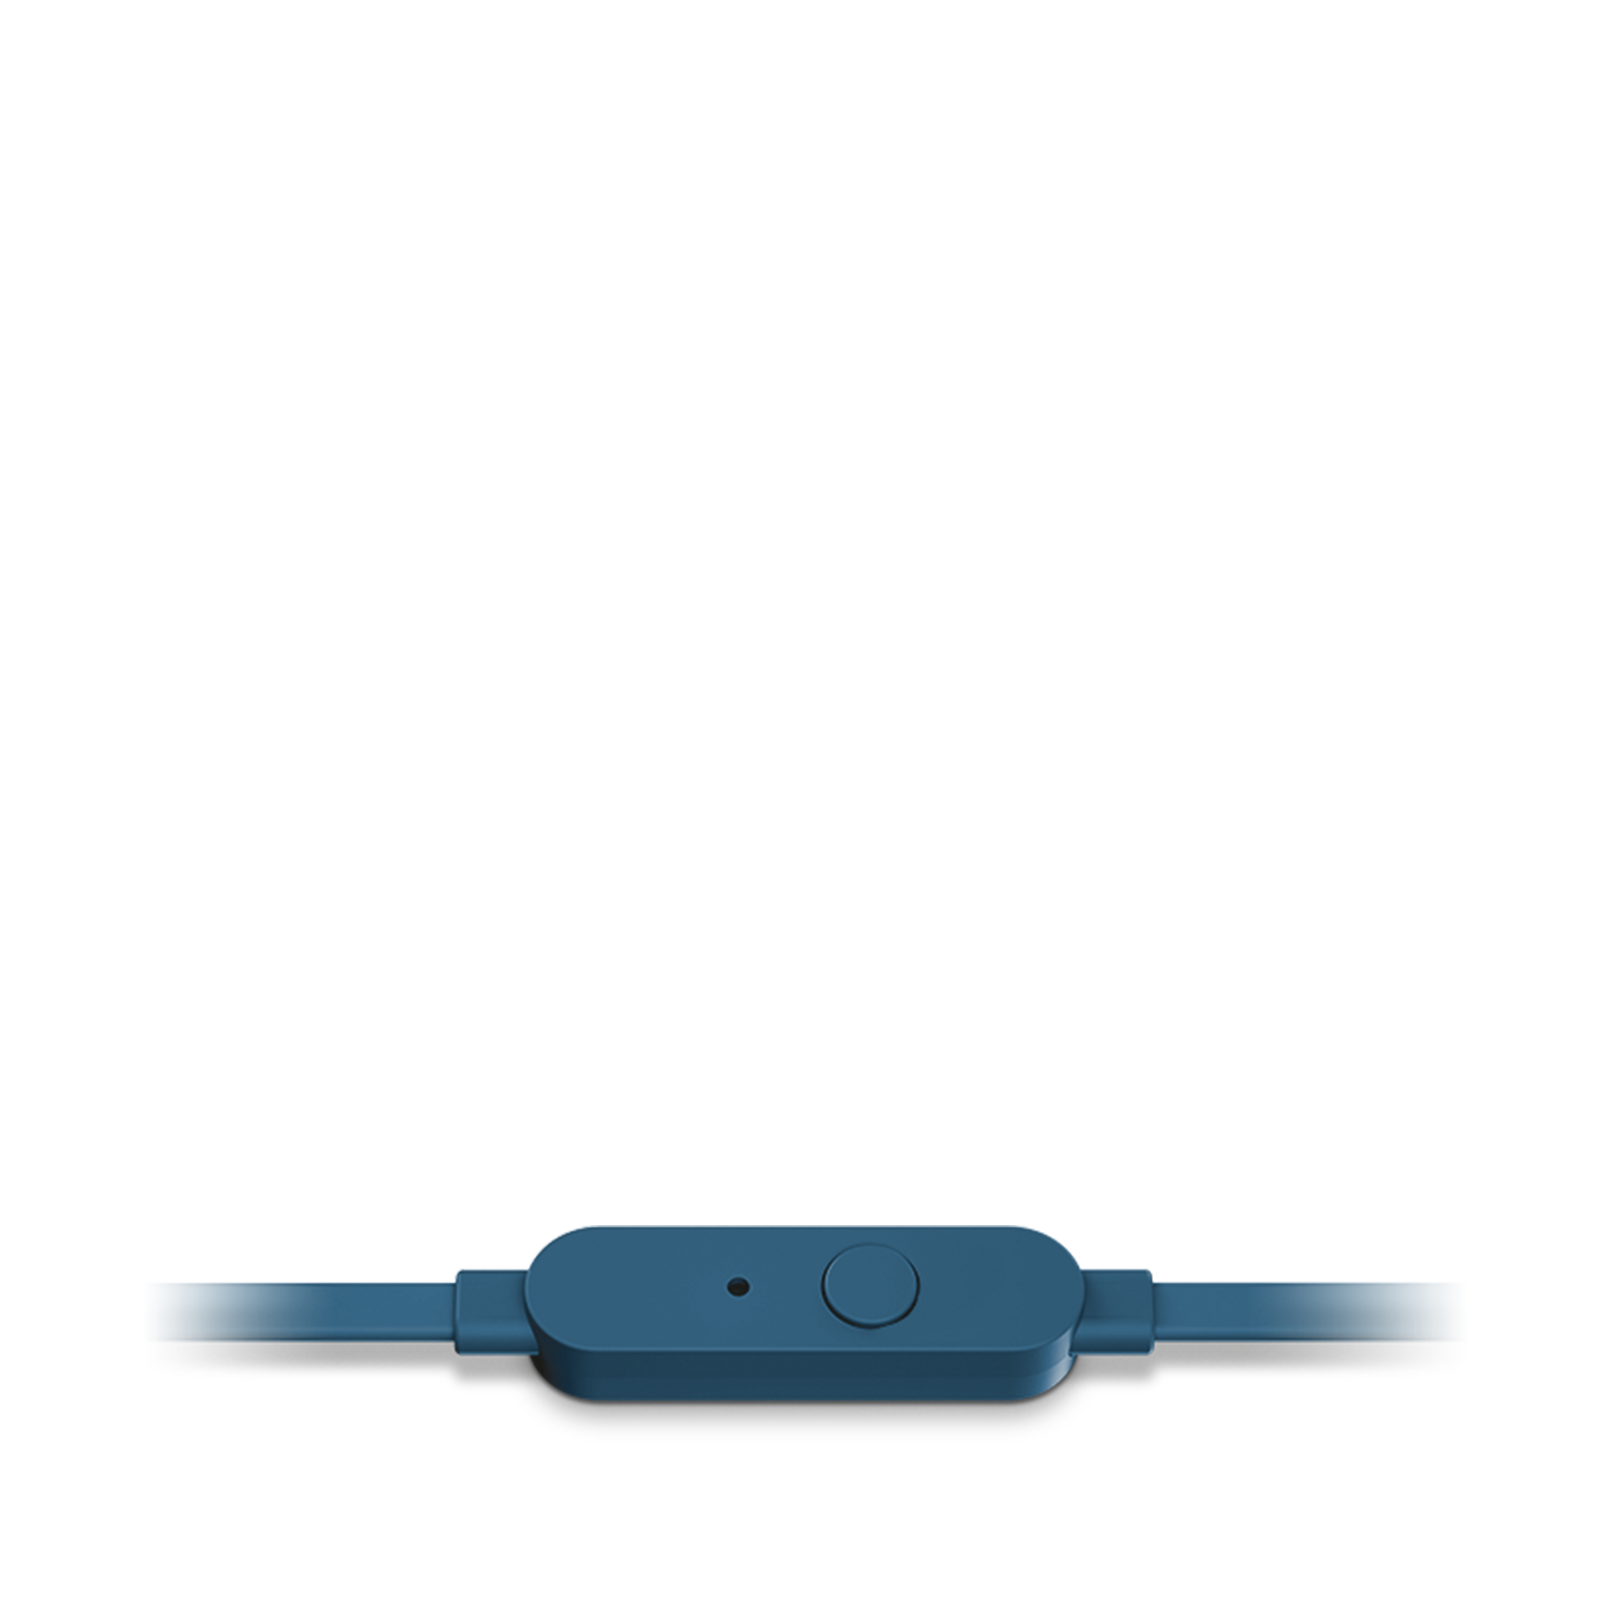 JBL TUNE 110 - Blue - In-ear headphones - Detailshot 2